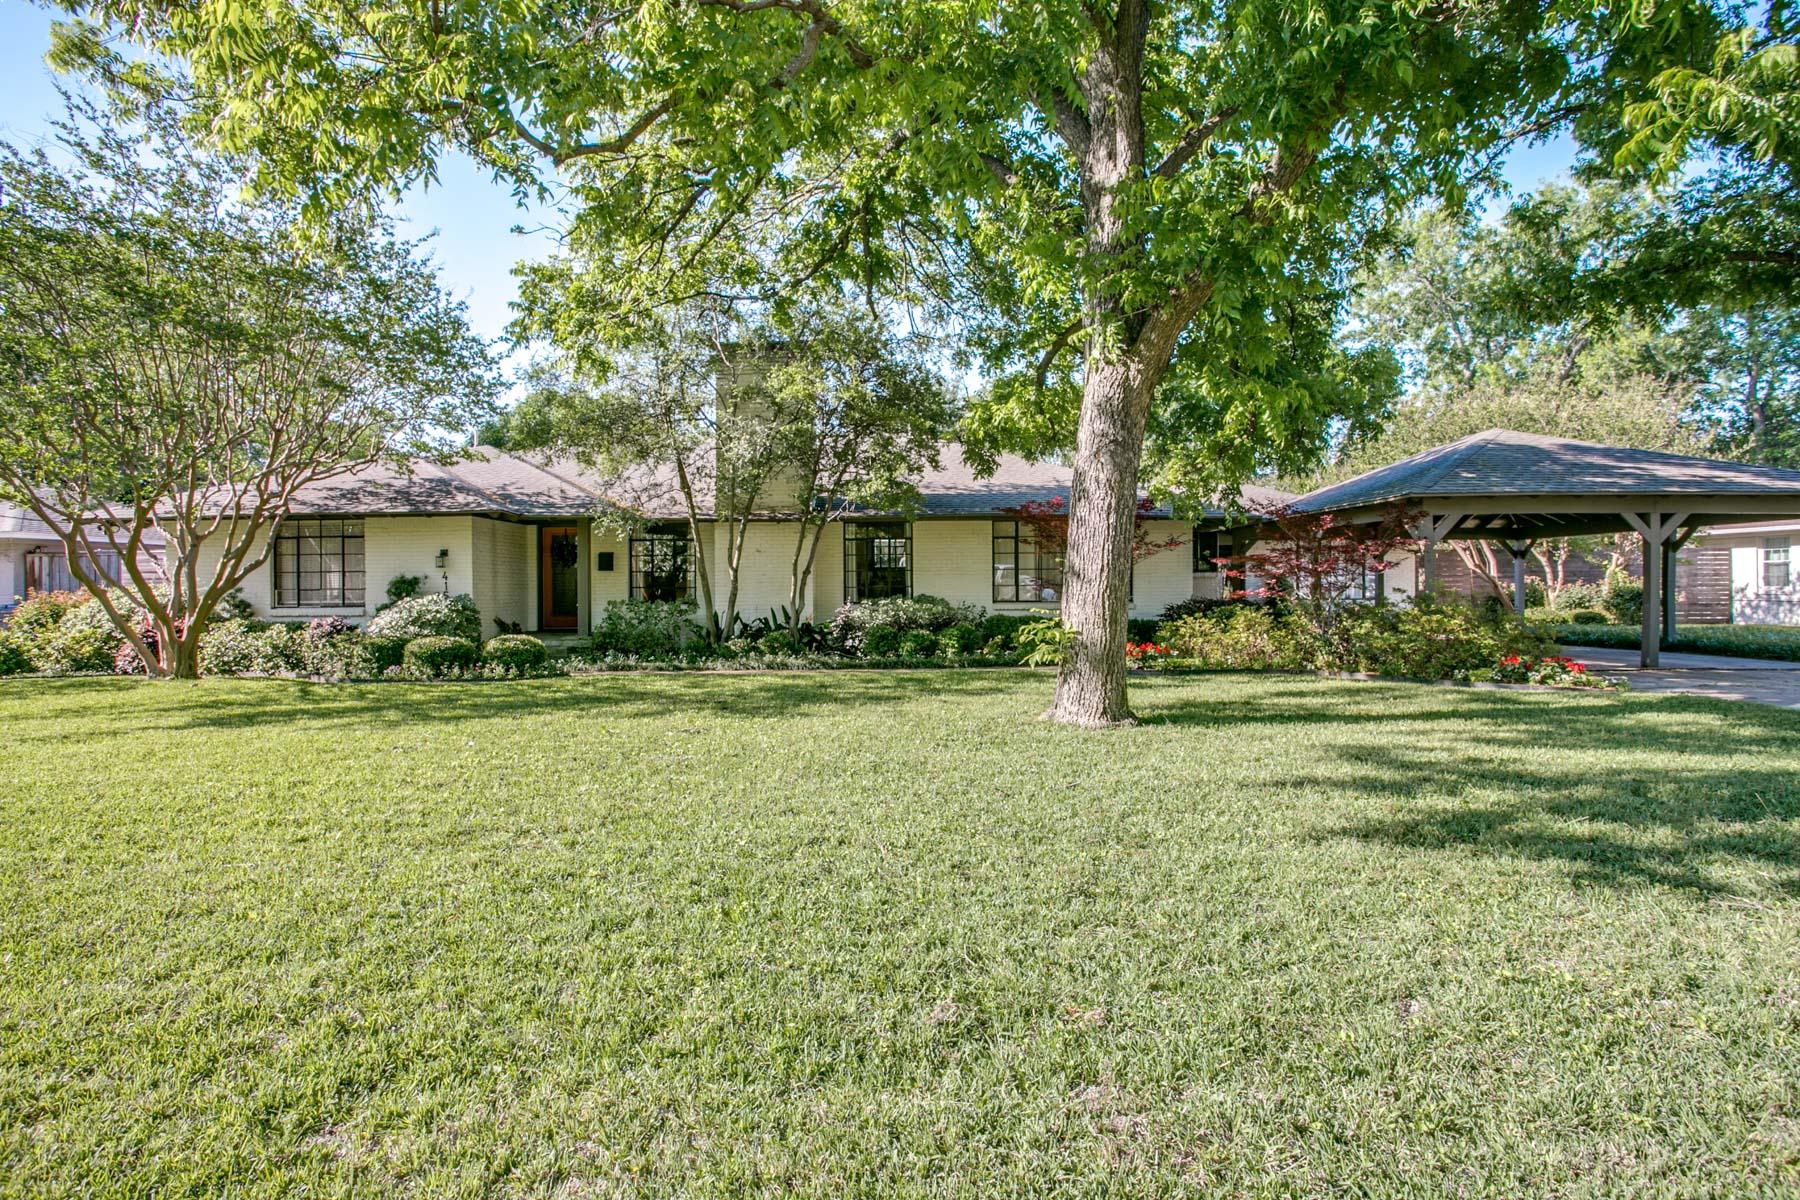 一戸建て のために 売買 アット Midway Hollow 4152 Wilada Dr Dallas, テキサス, 75220 アメリカ合衆国